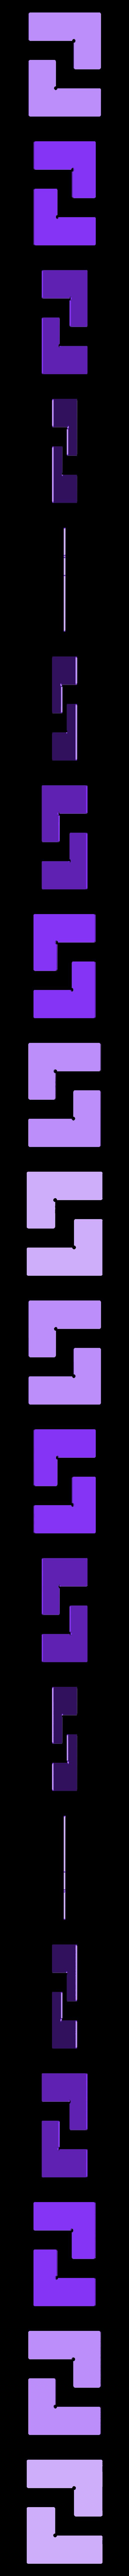 pcb_l_bracket.stl Télécharger fichier STL gratuit Pâte à braser CMS pour C.I. personnalisable Pochoirs supports pour C.I. et C.I. • Plan pour imprimante 3D, zapta